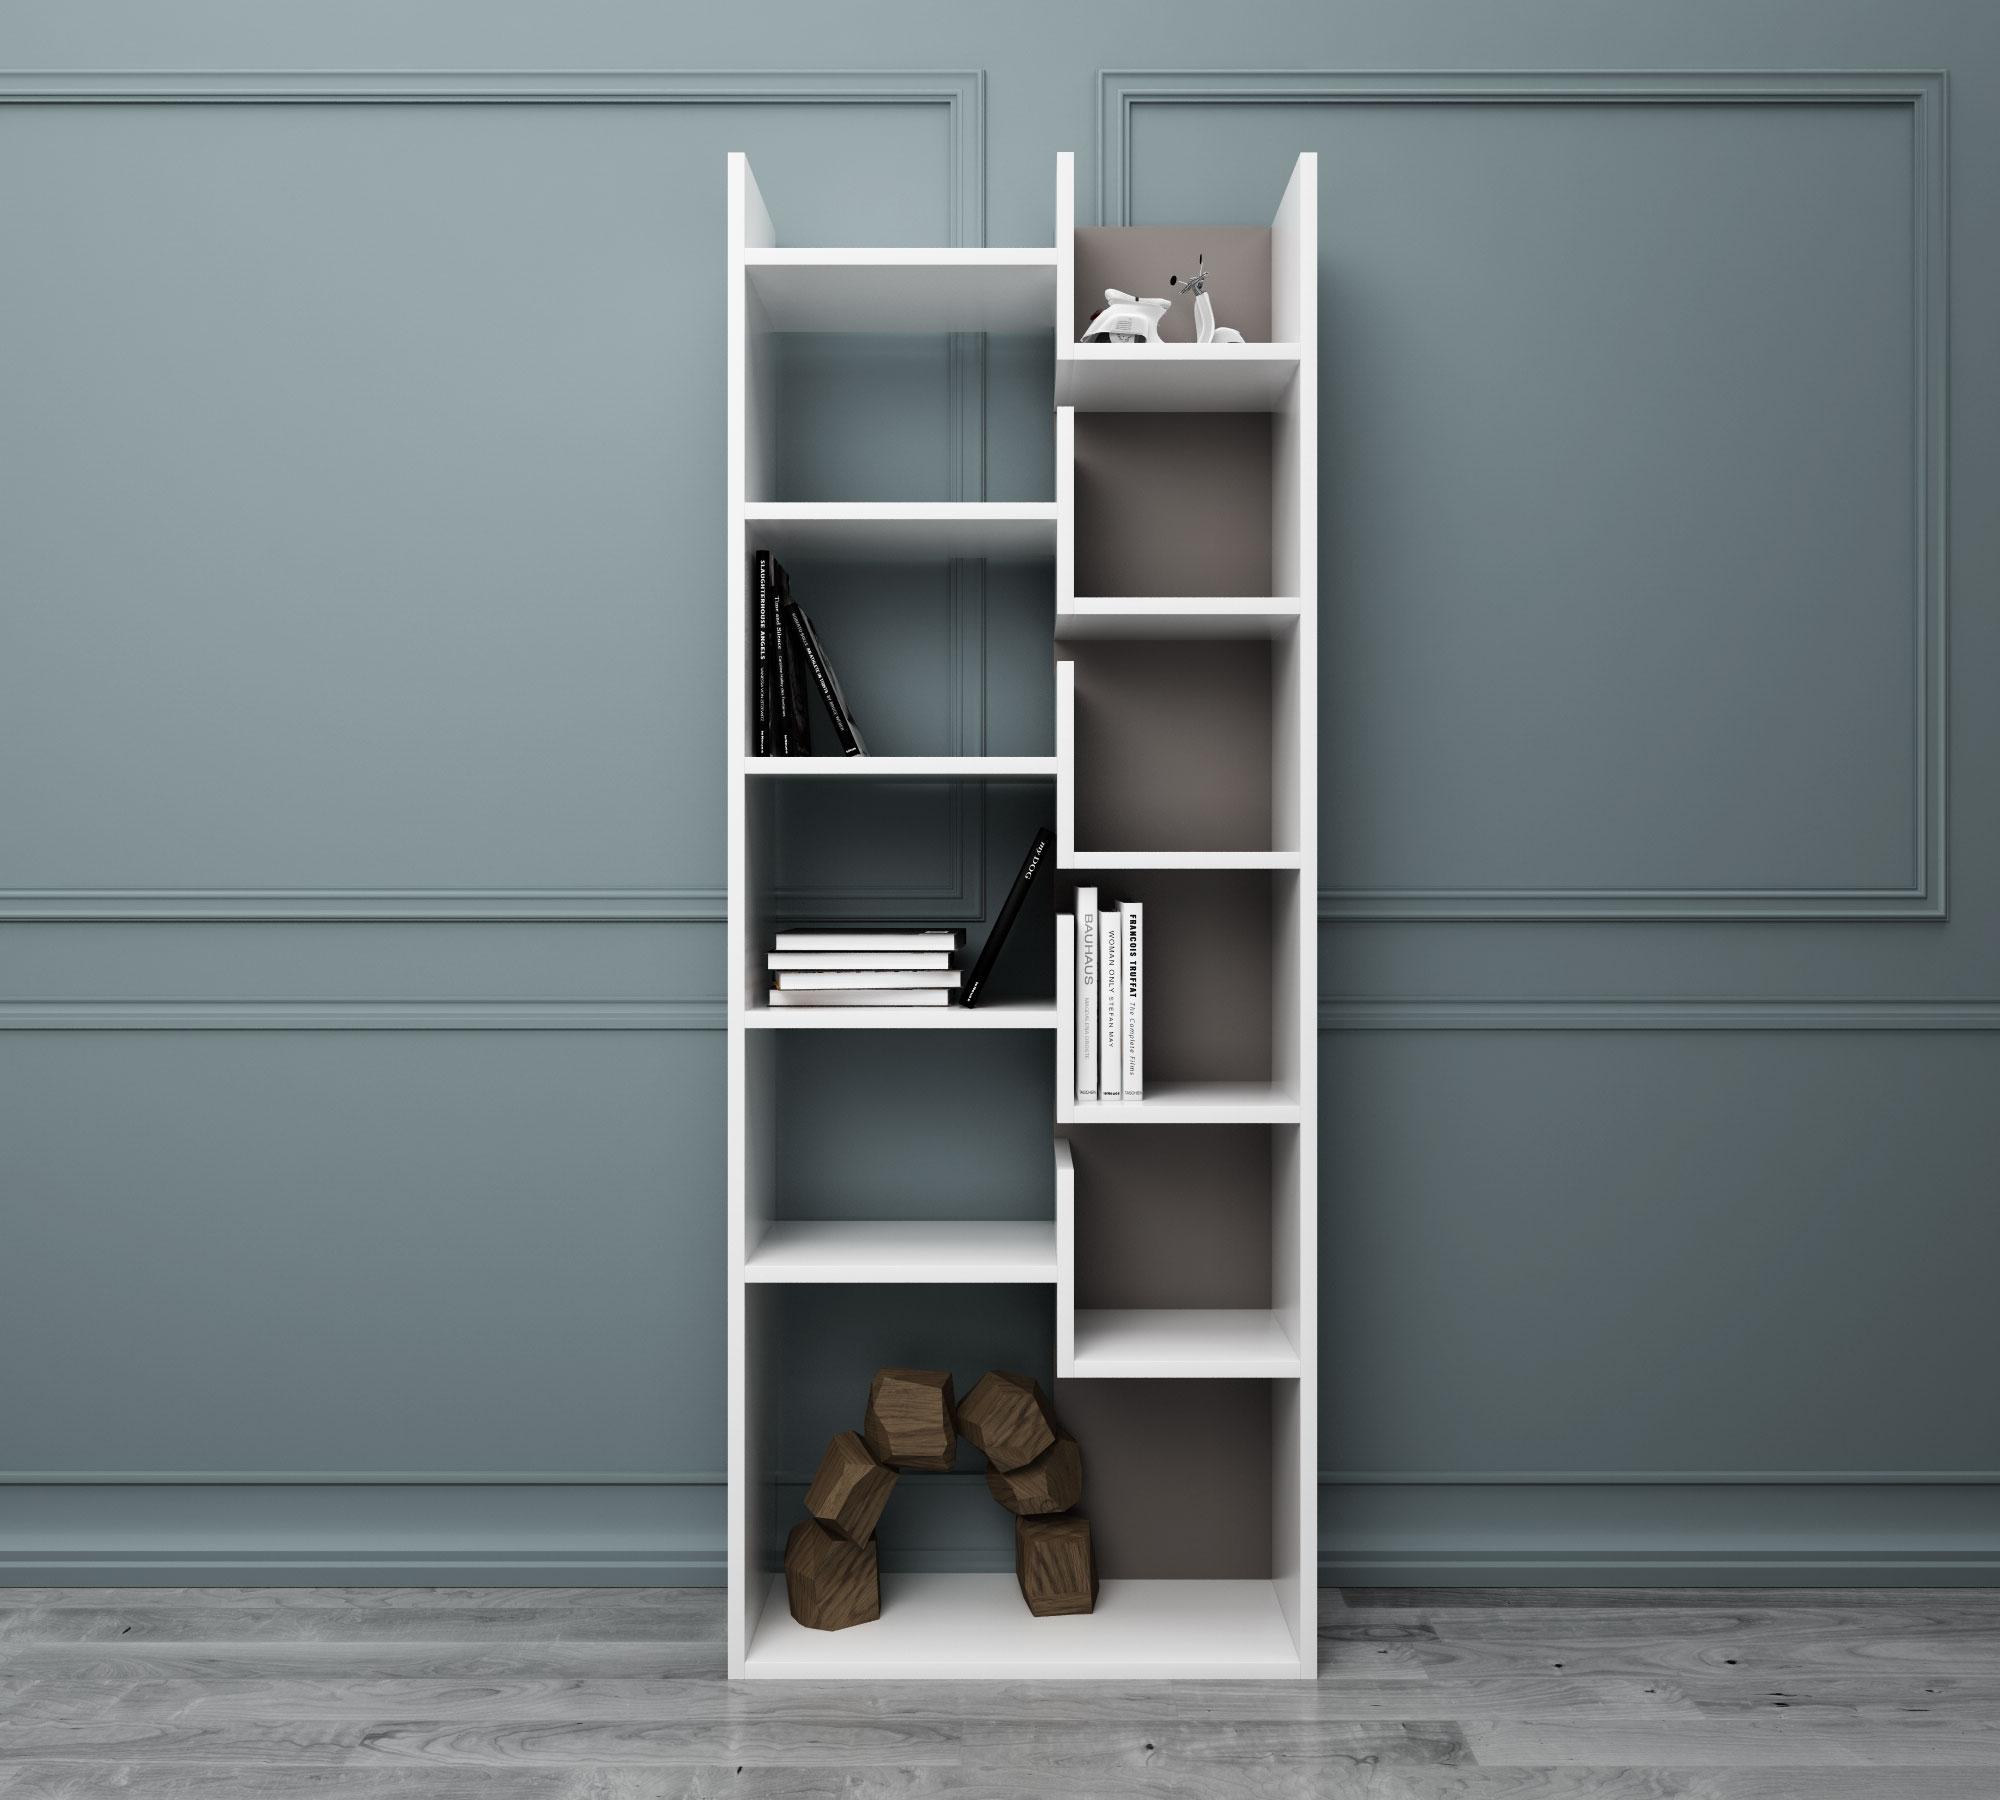 Scaffali E Librerie Design Legno.Scaffali Design Legno Mobilia